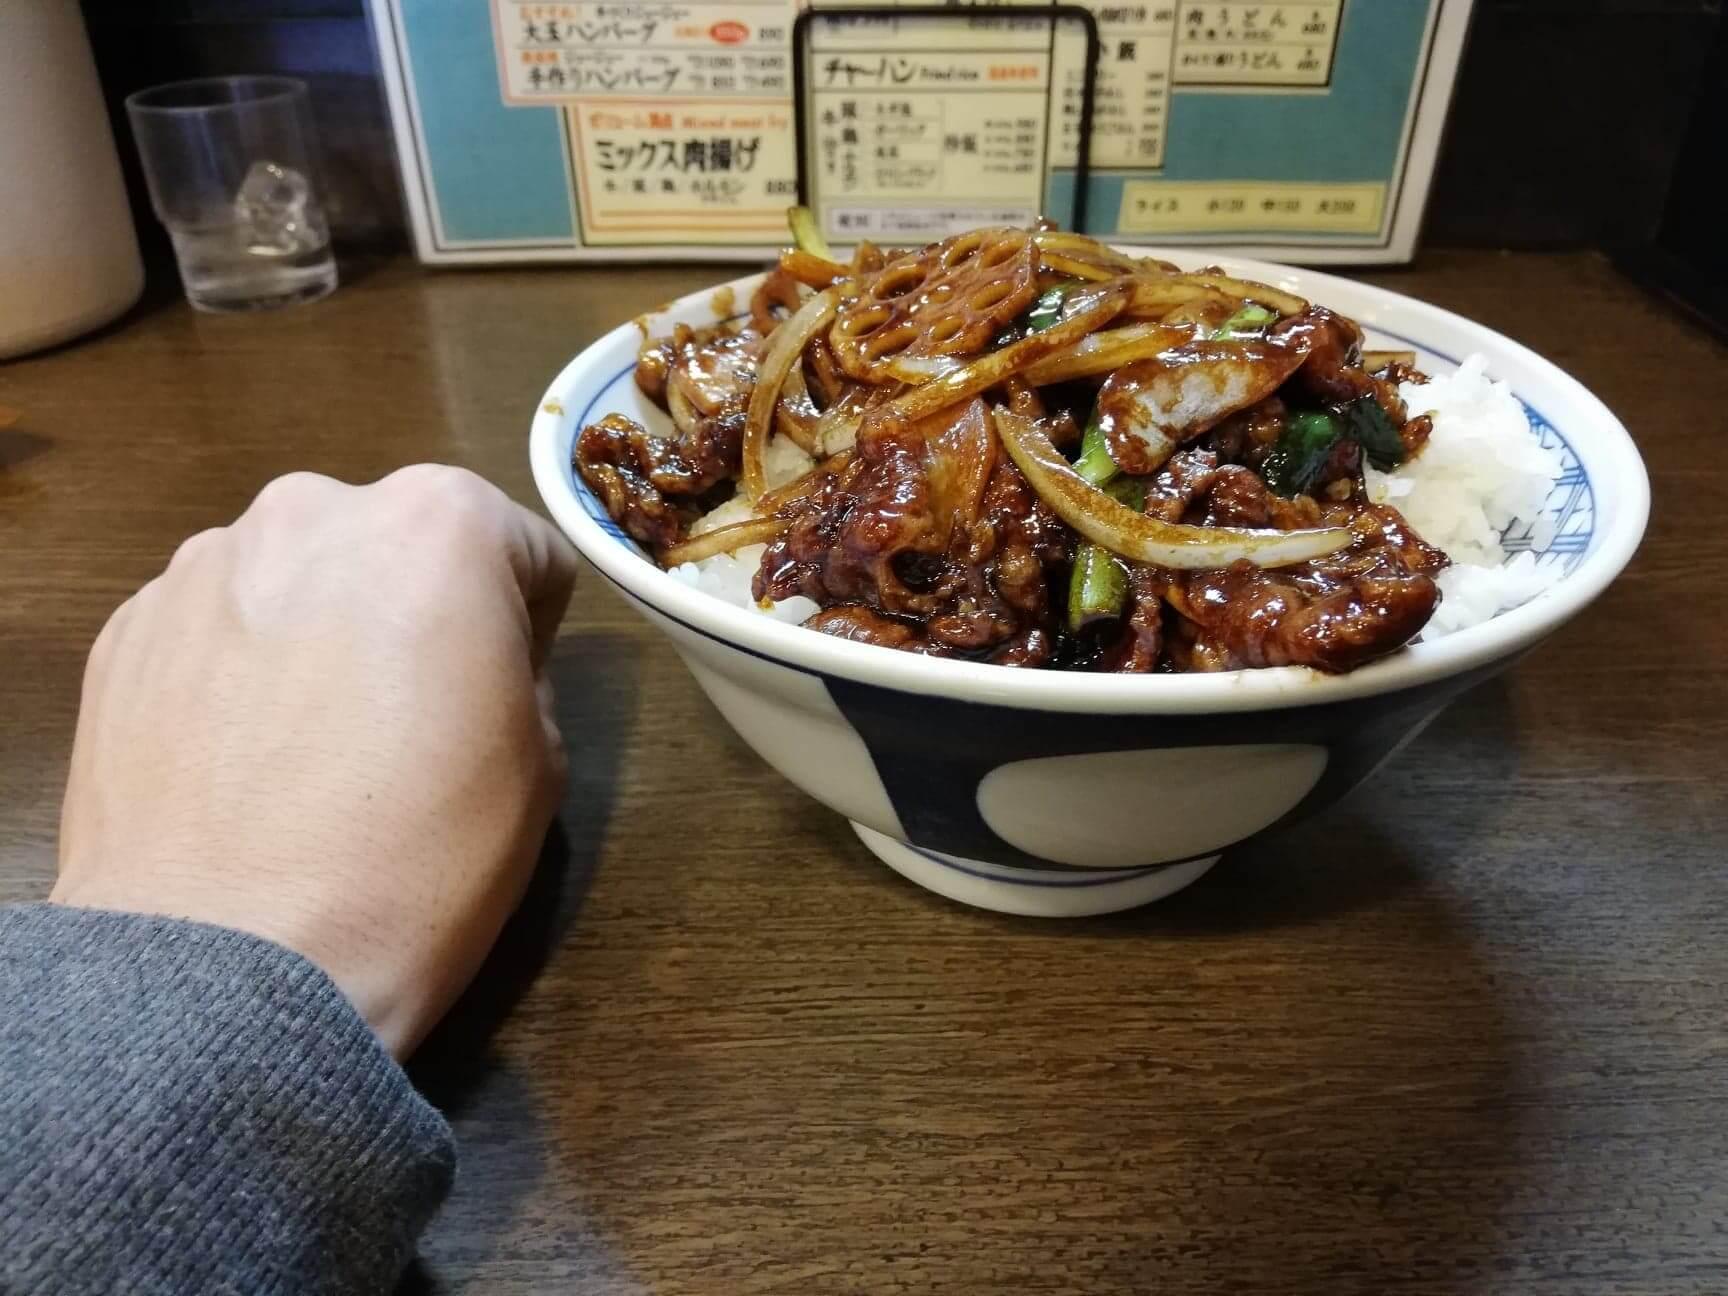 新座『三珍富士力食堂』の牛バラ丼と拳のサイズ比較写真②